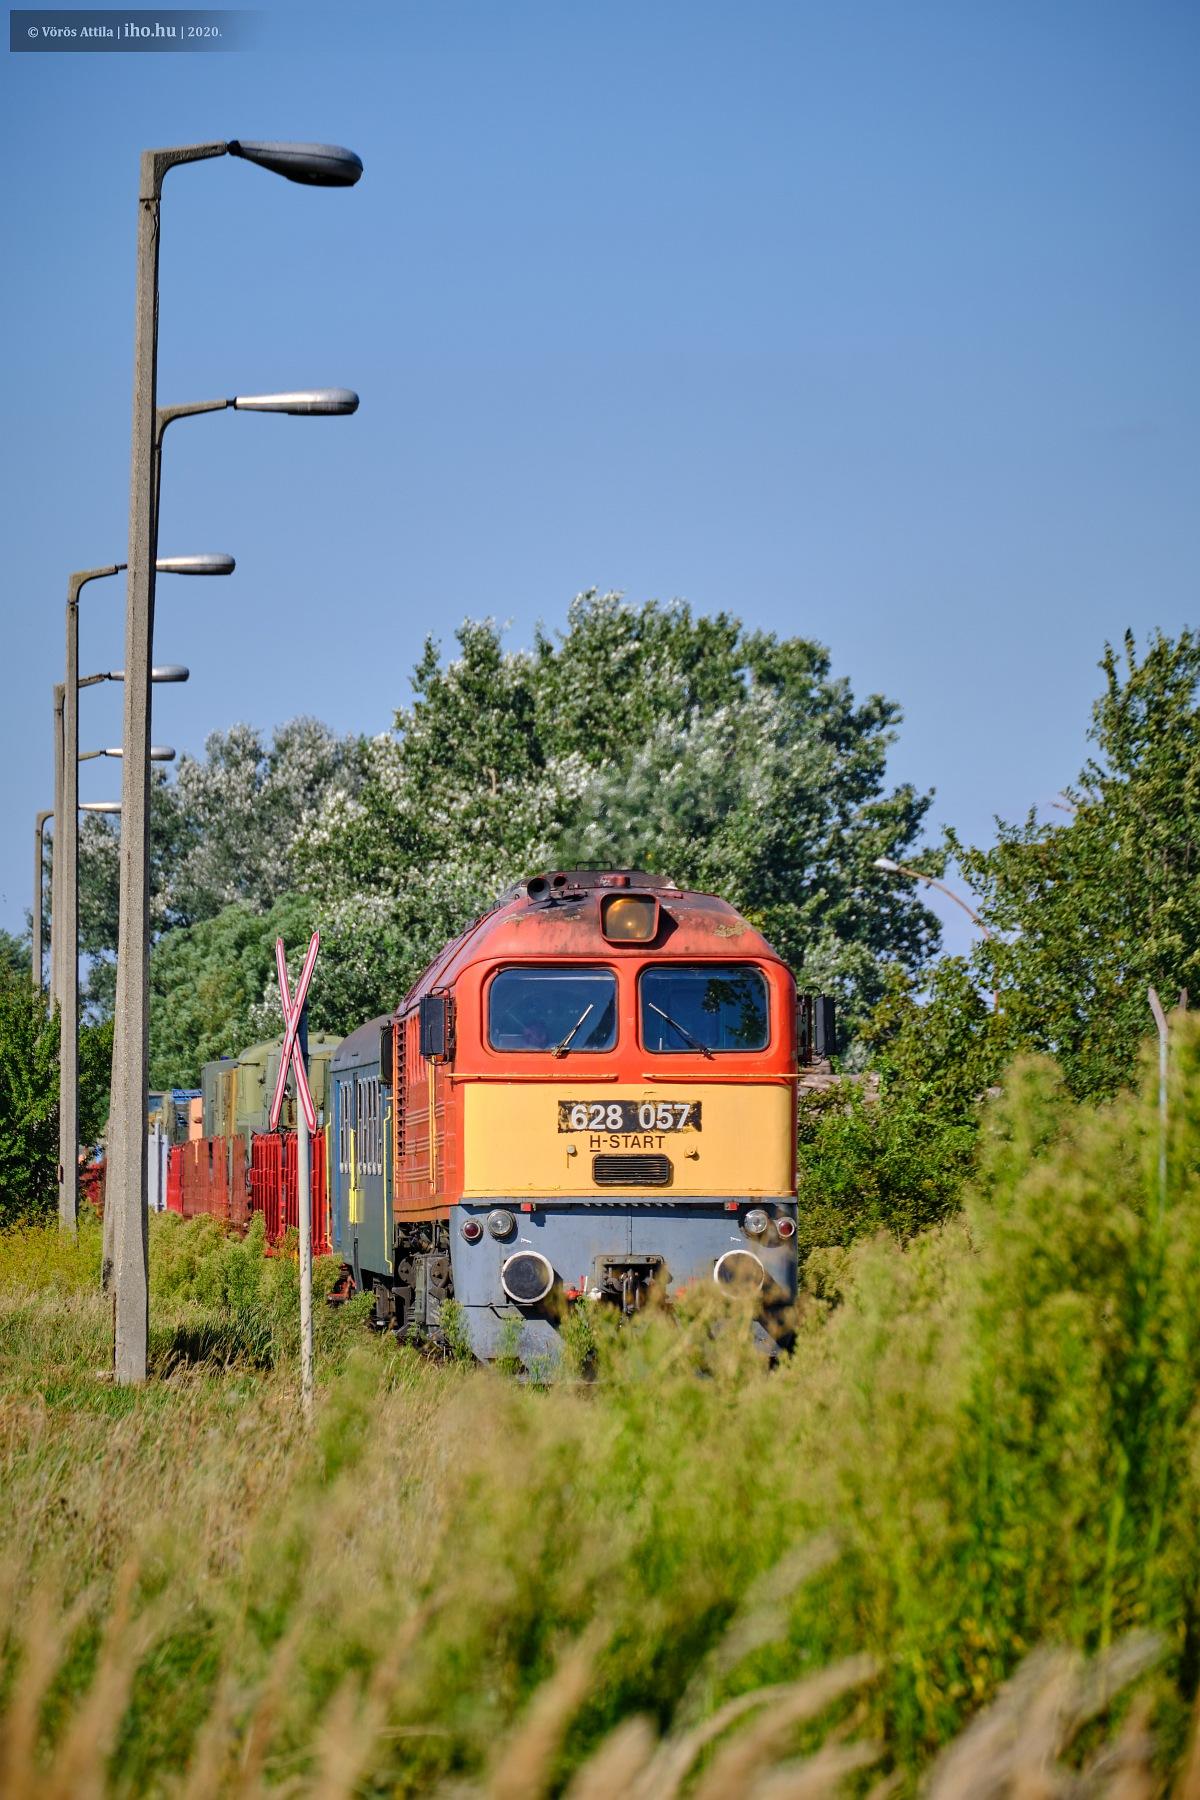 A 145-ös vonal forgalmába illeszkedve futhatott be Kecskemét állomásra a katonavonat